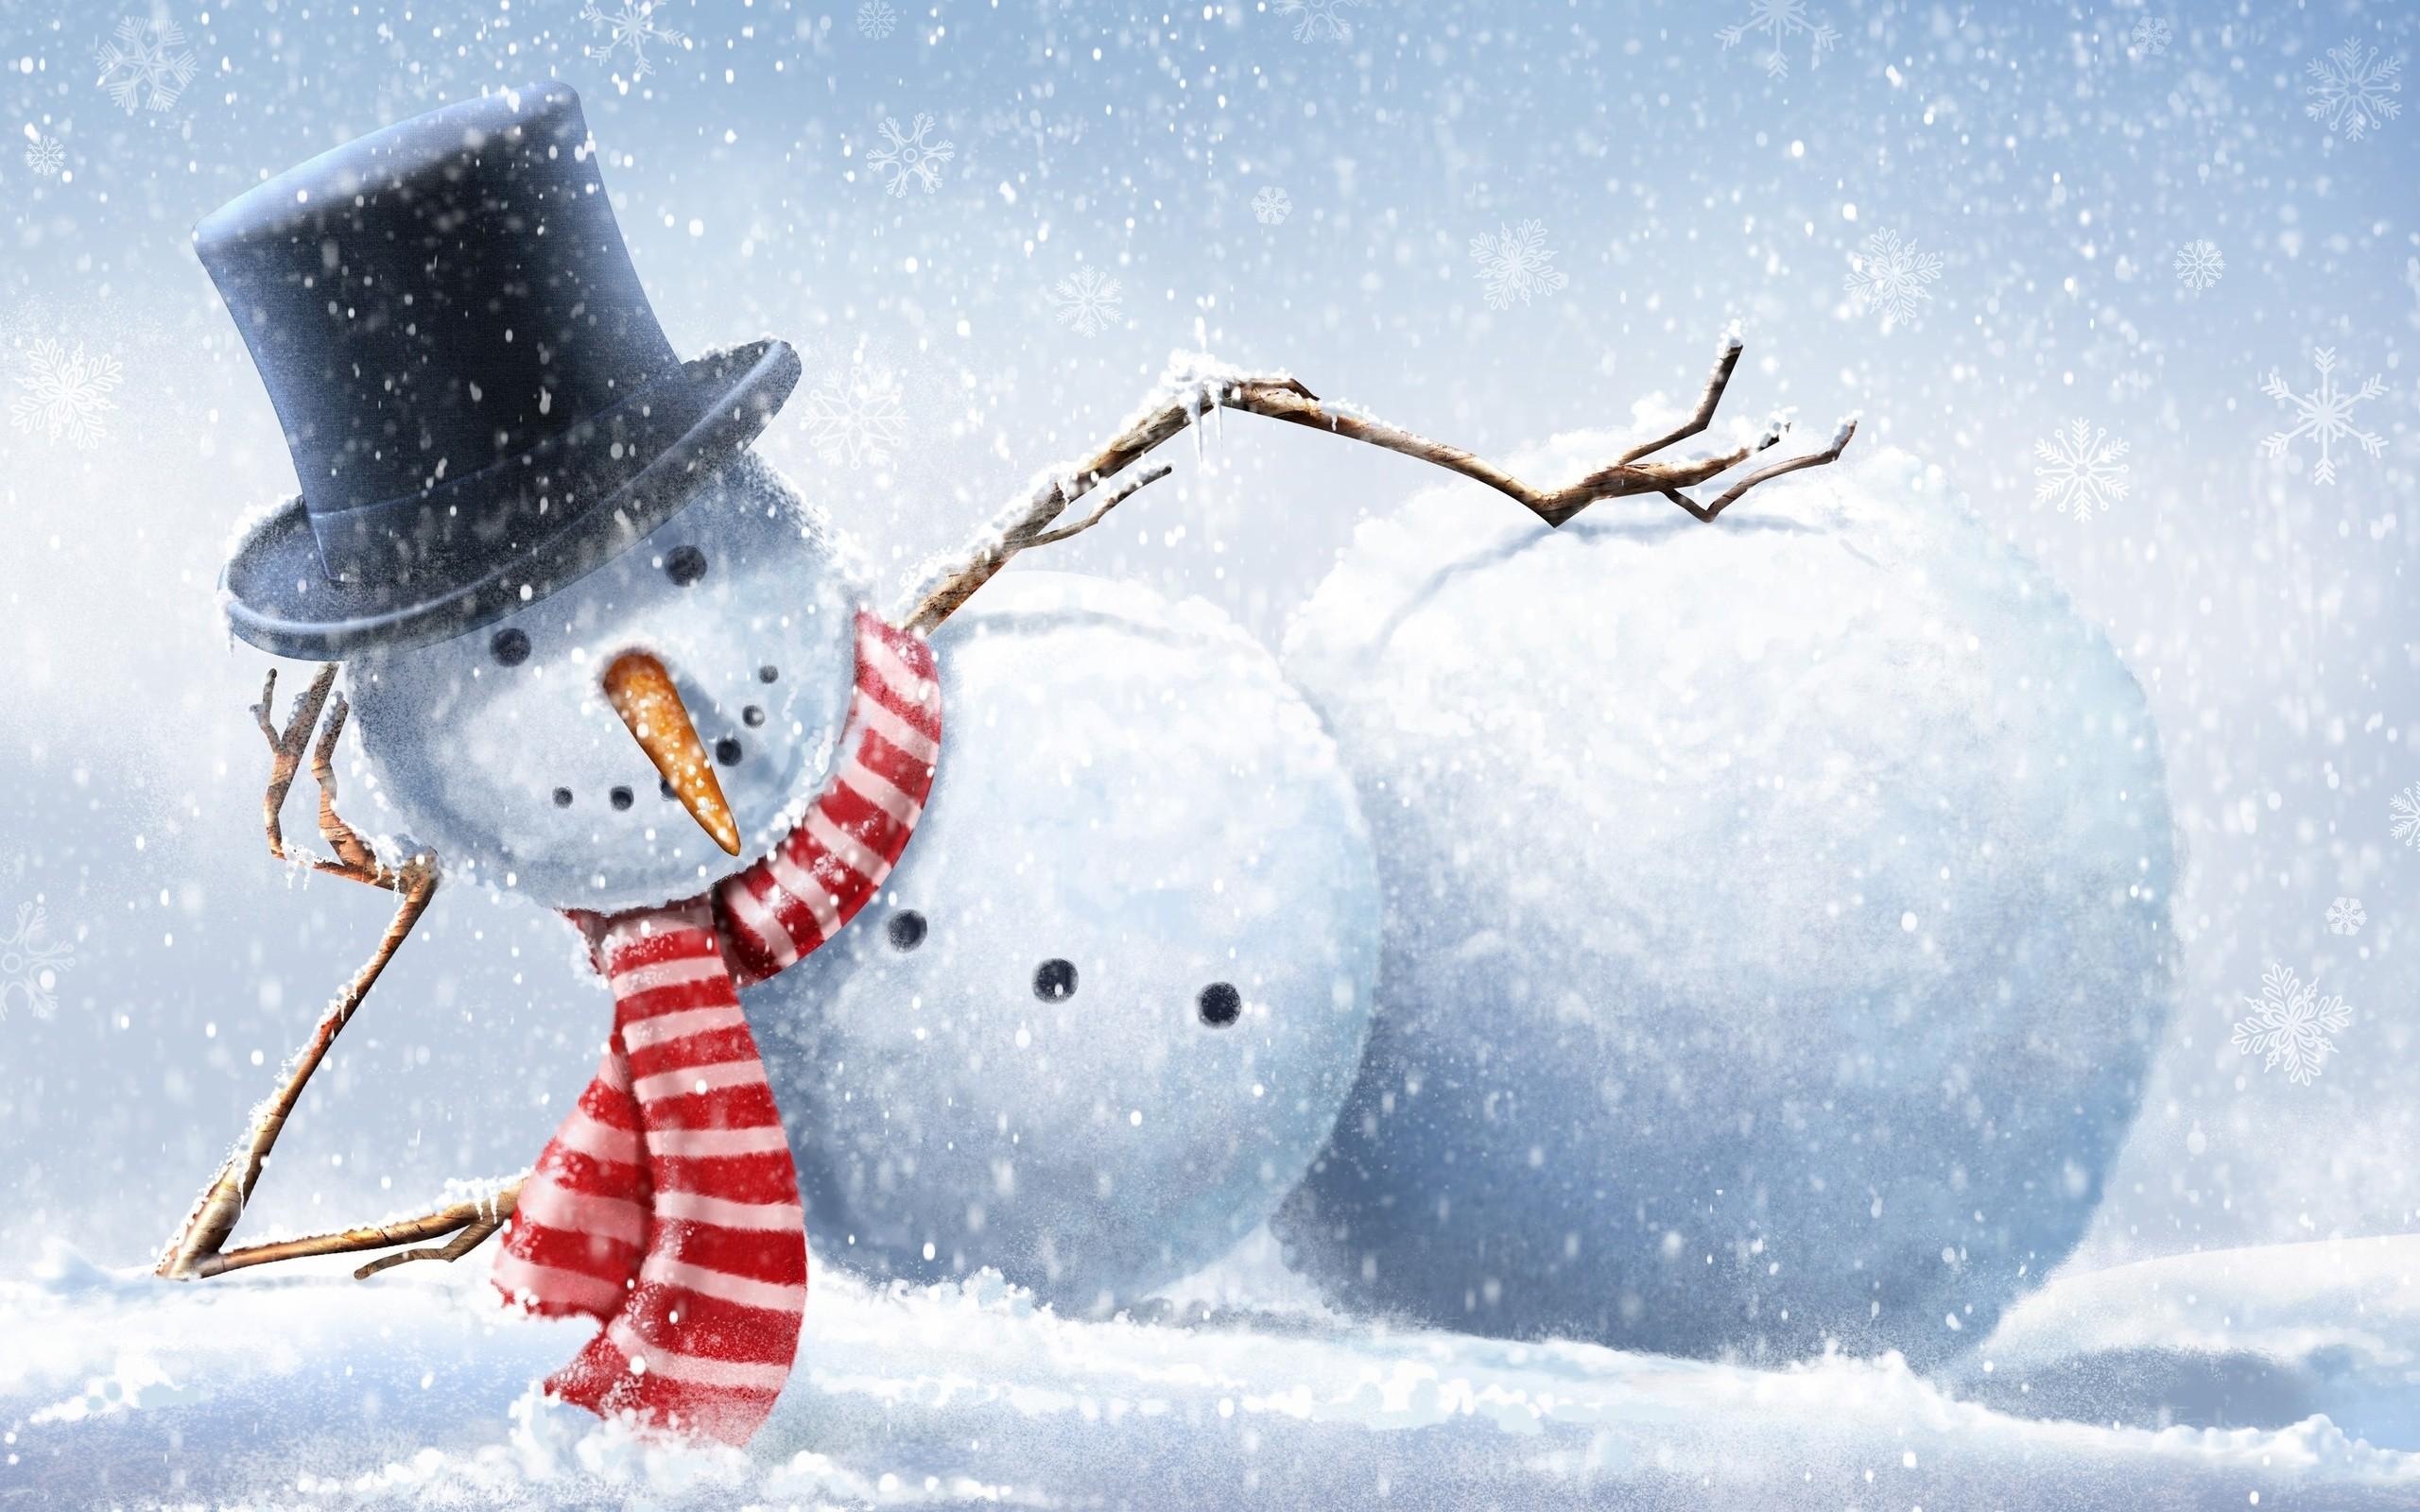 デスクトップ壁紙 ユーモア 冬 雪だるま クリスマス 北極 新年